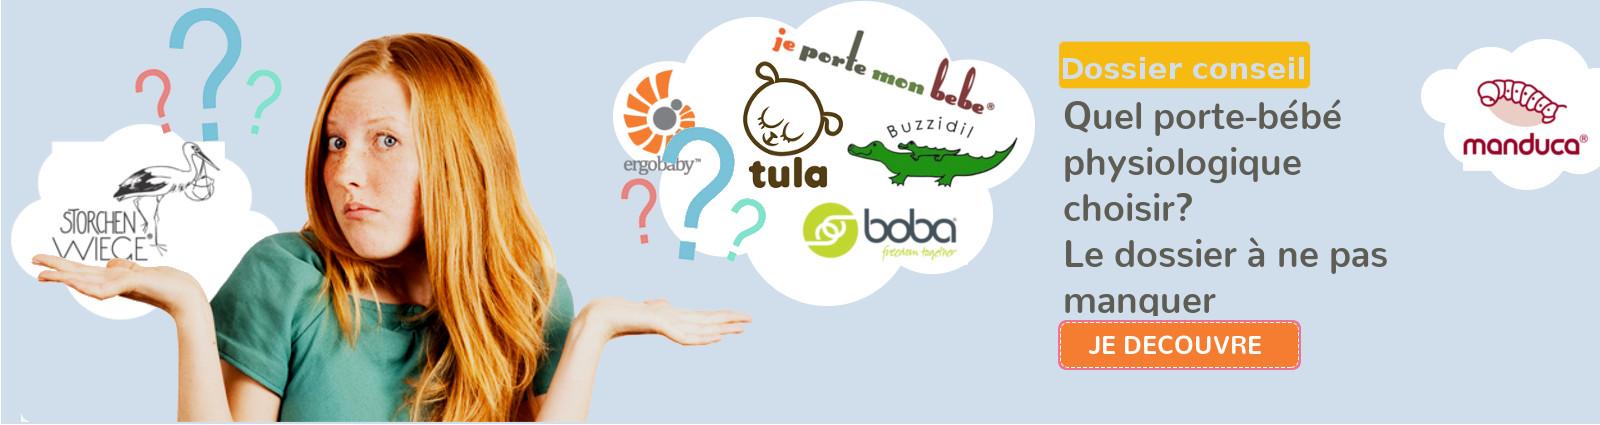 Quel porte b b physiologique choisir naturiou - Quel porte bebe physiologique choisir ...